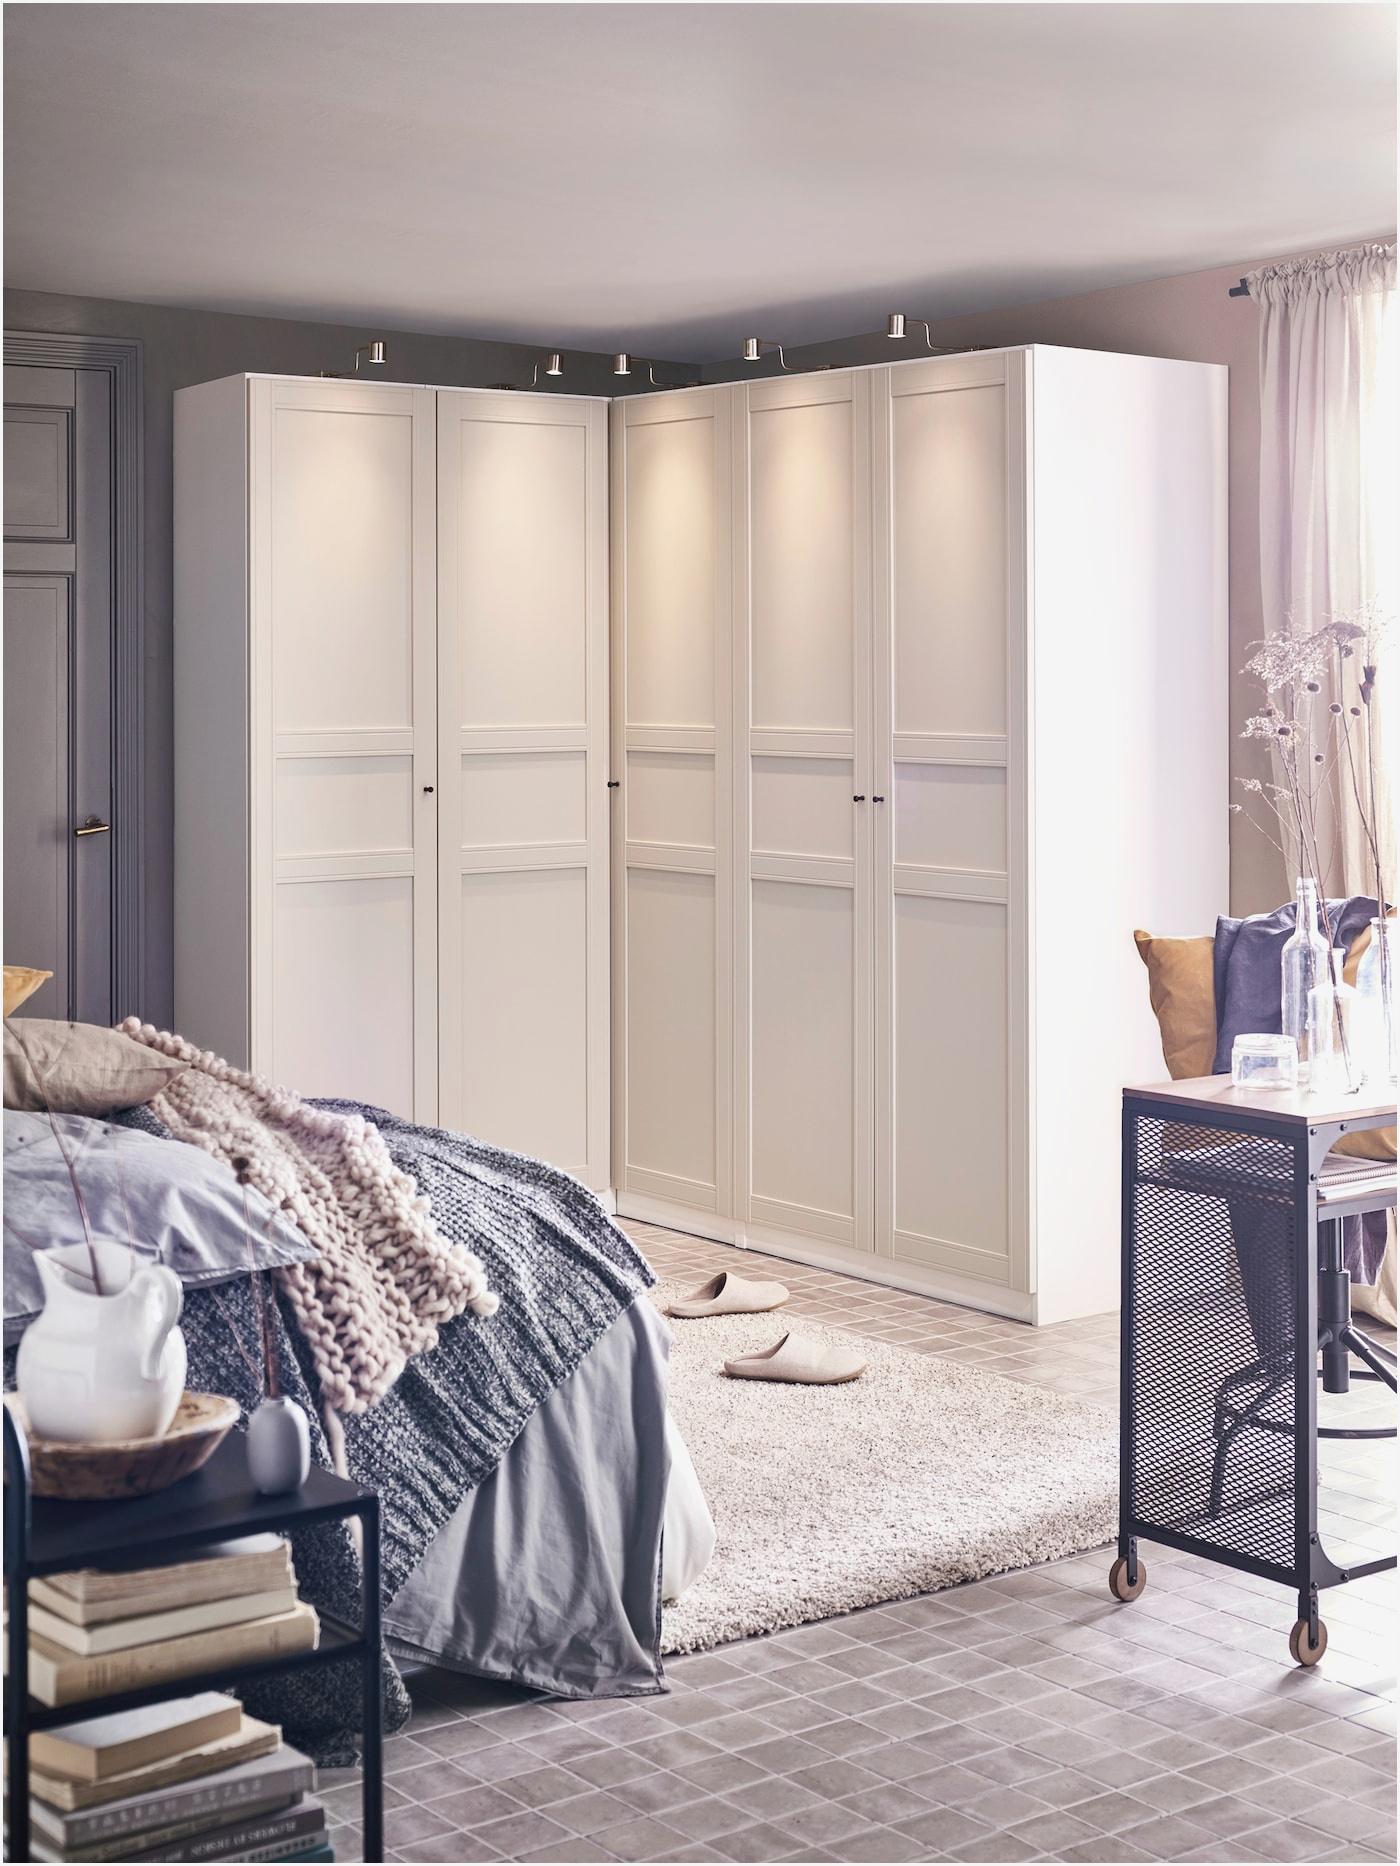 Full Size of Ikea Raumteiler Schlafzimmer Schrank Als Betten 160x200 Sofa Mit Schlaffunktion Miniküche Küche Kosten Bei Modulküche Kaufen Regal Wohnzimmer Ikea Raumteiler